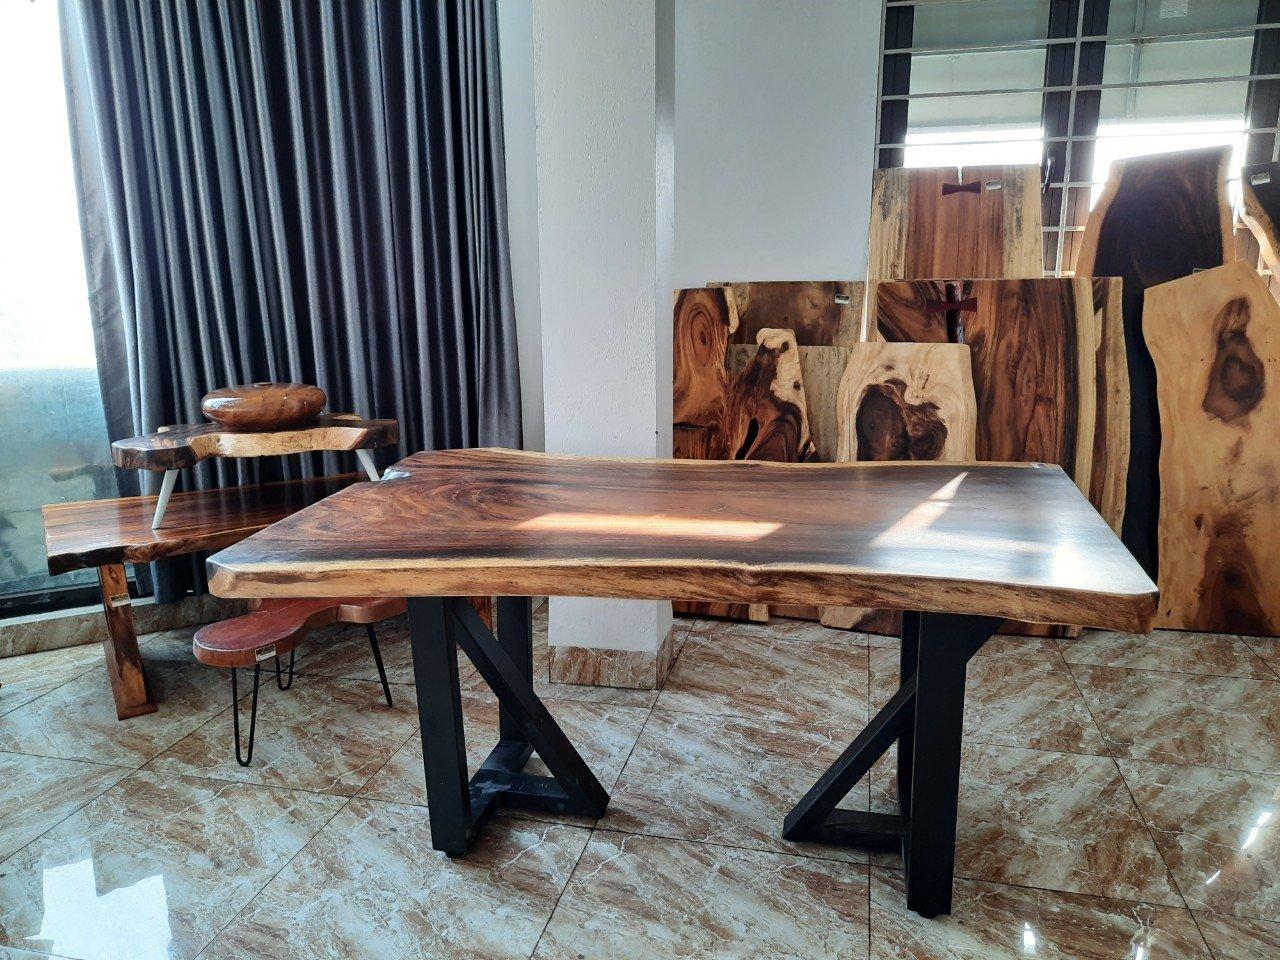 Quy trình tạo ra bàn gỗ me tây giá rẻ tại Ruby Home hiện đại, phong cách